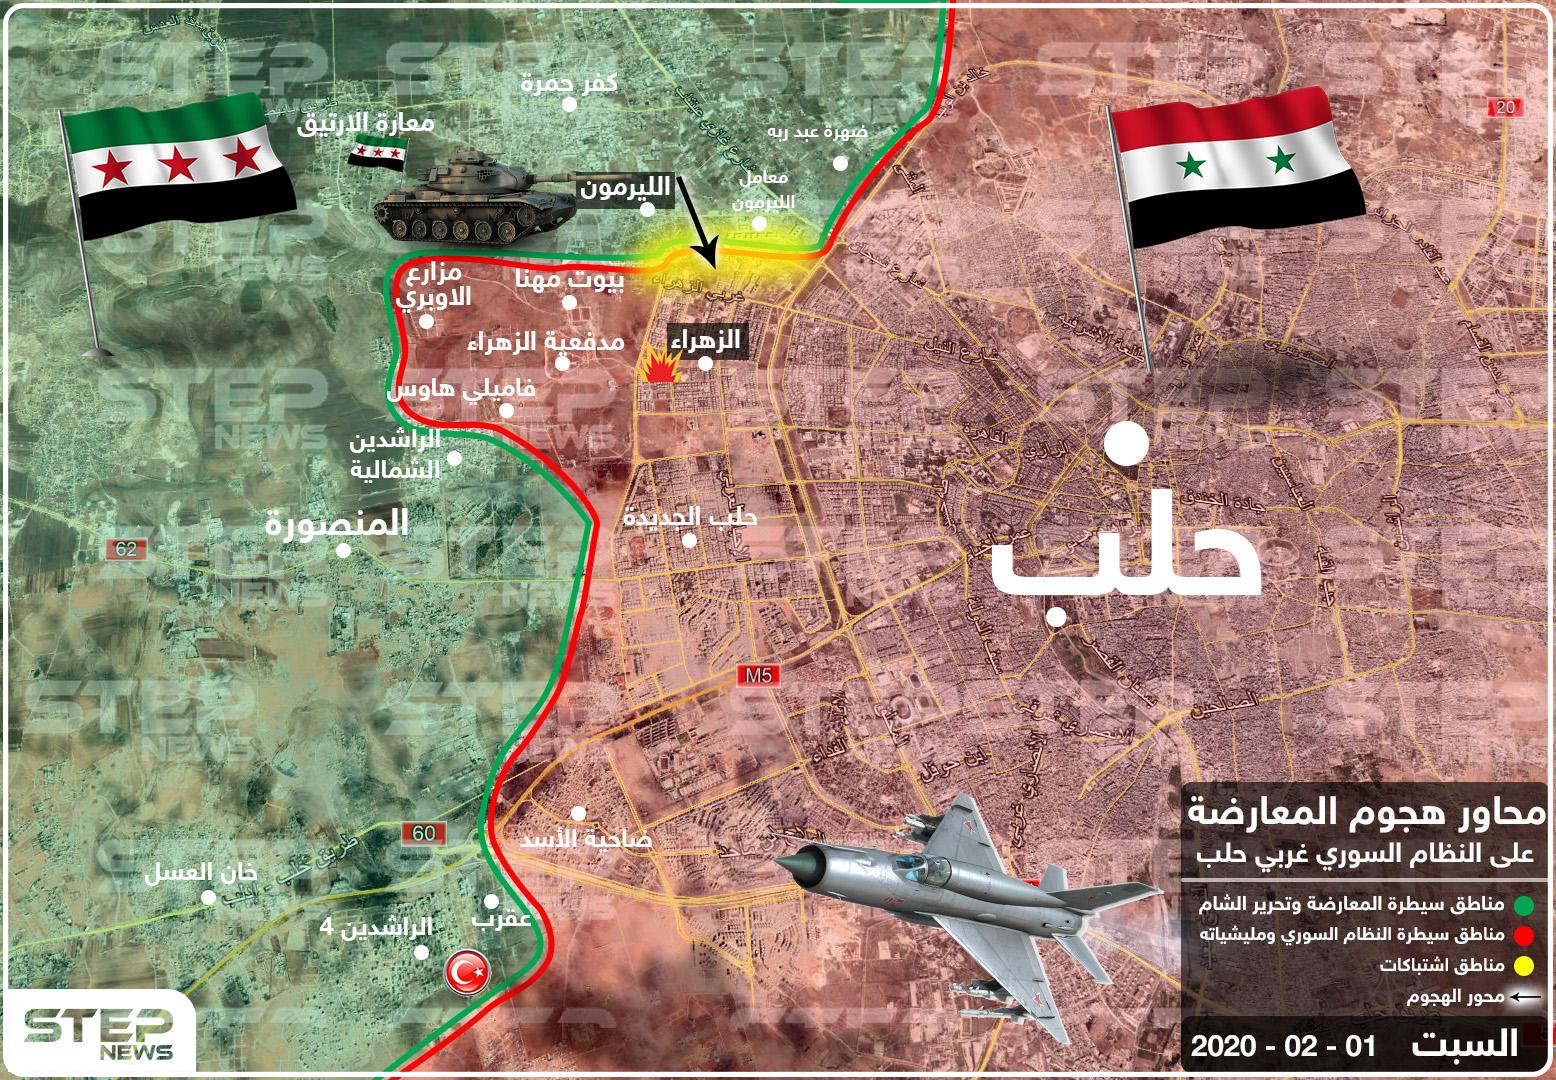 بالخريطة || فصائل المعارضة تشن معركة جديدة بمدينة حلب وبدايتها مفخختان والتفاصيل